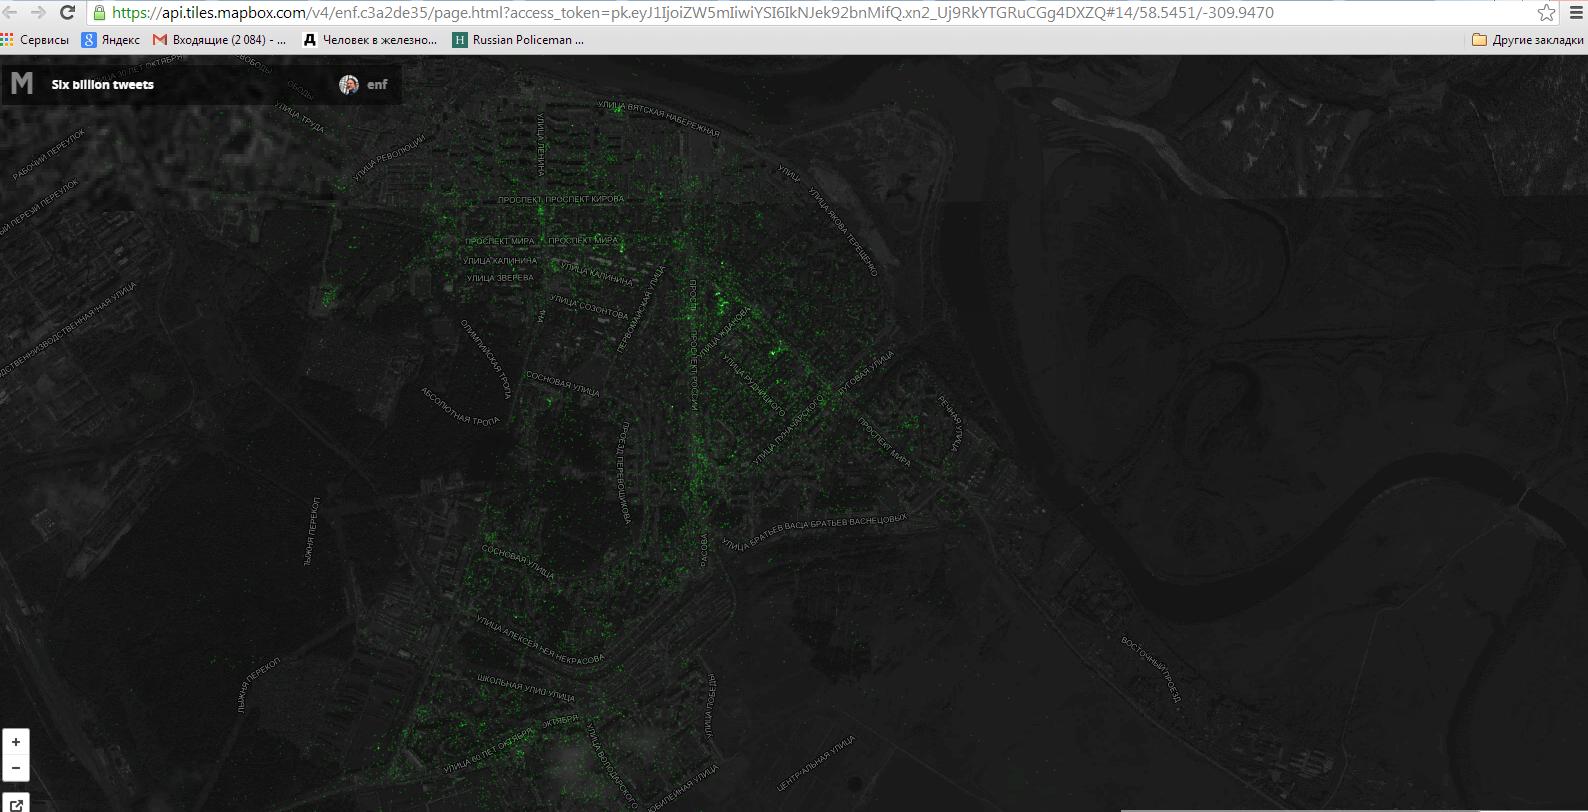 Кирово-Чепецк нанесли на карту твиттов: откуда чепчане твитят чаще всего?